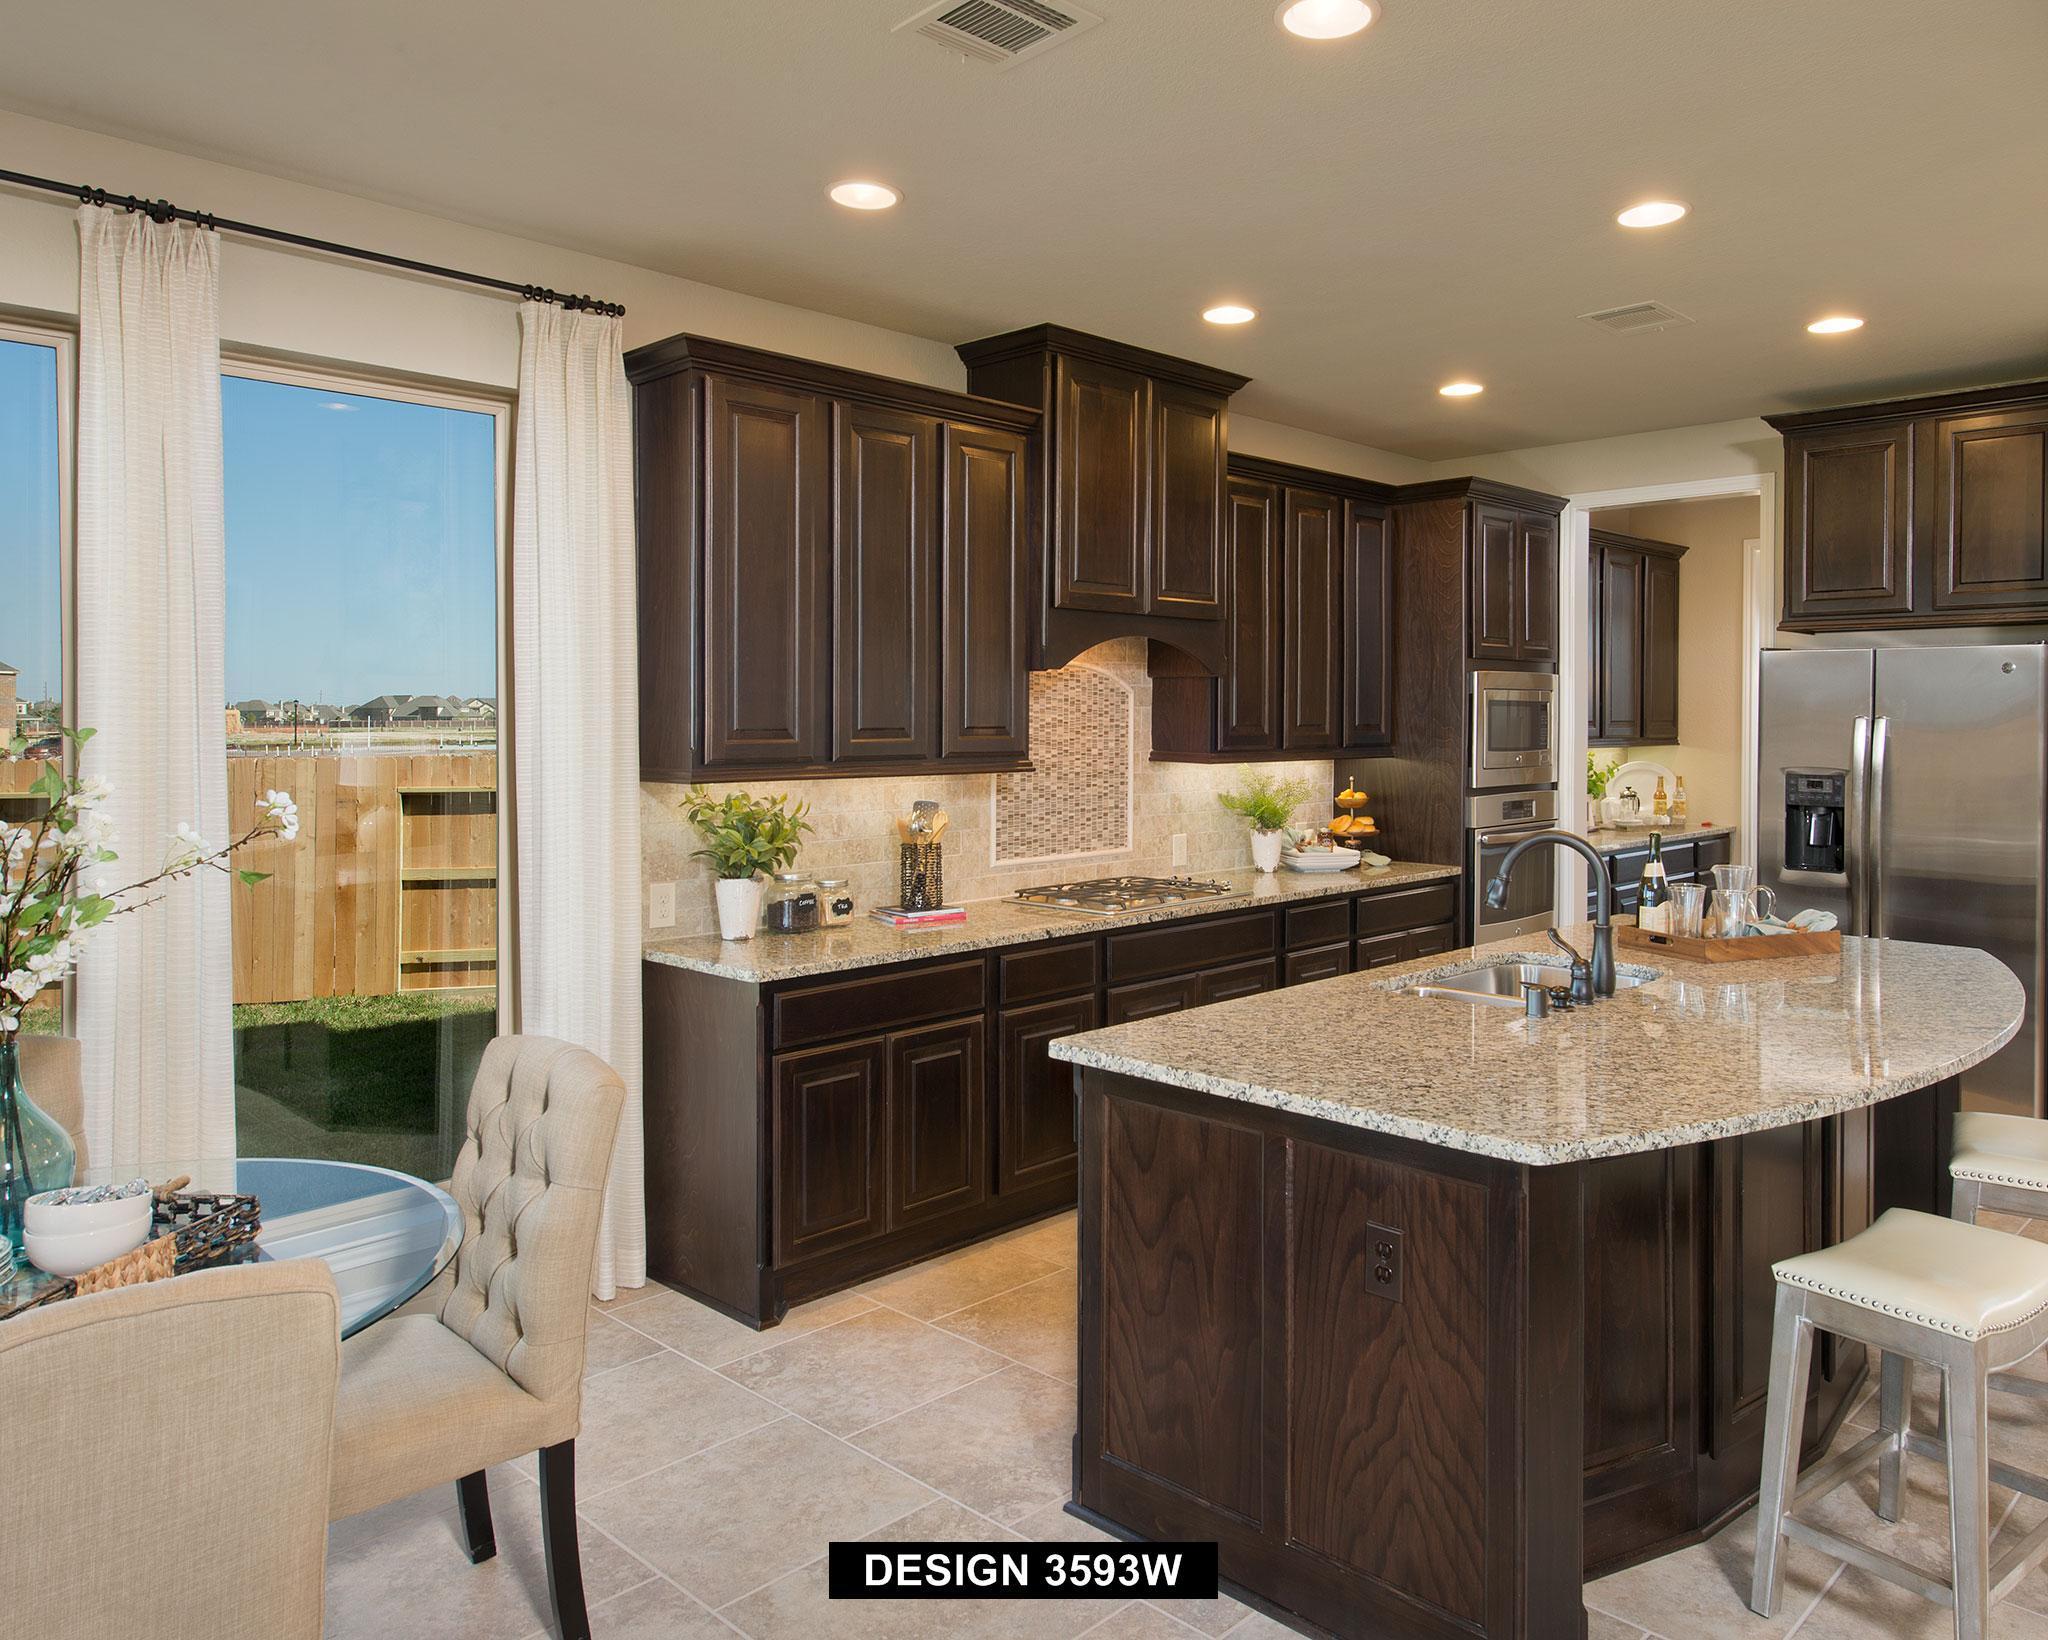 Kitchen-in-3593W-at-Cross Creek Ranch 60'-in-Fulshear